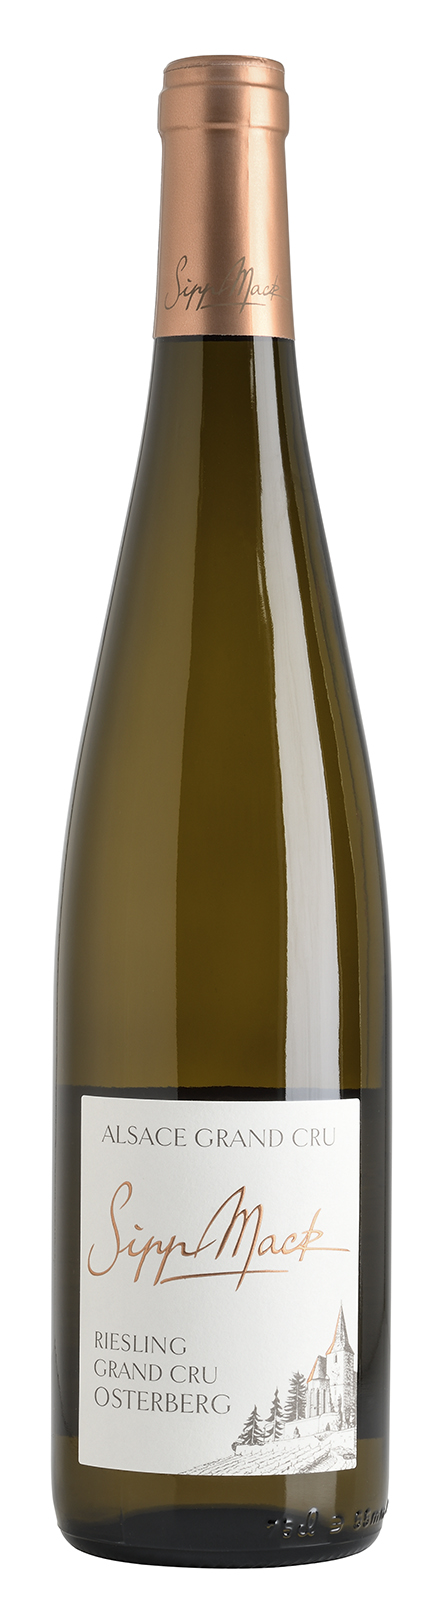 An excellent terroir wine!